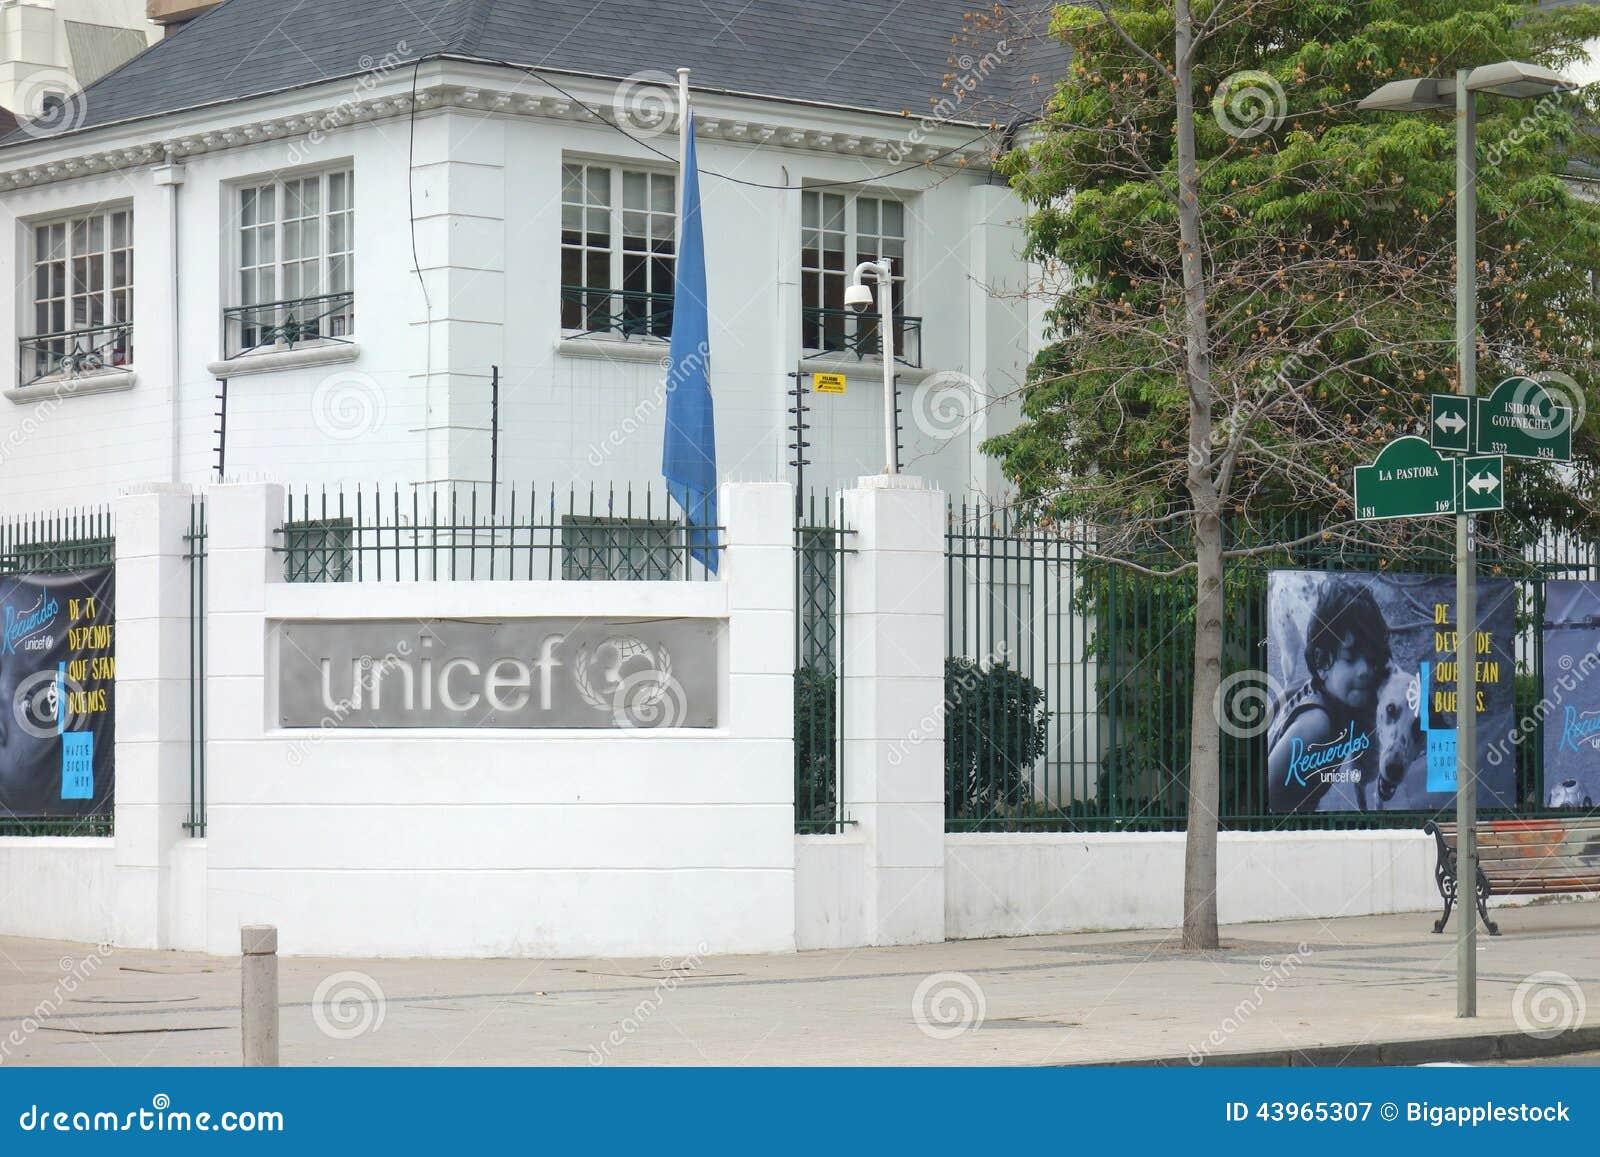 Bureaux de l unicef au chili photographie éditorial image du